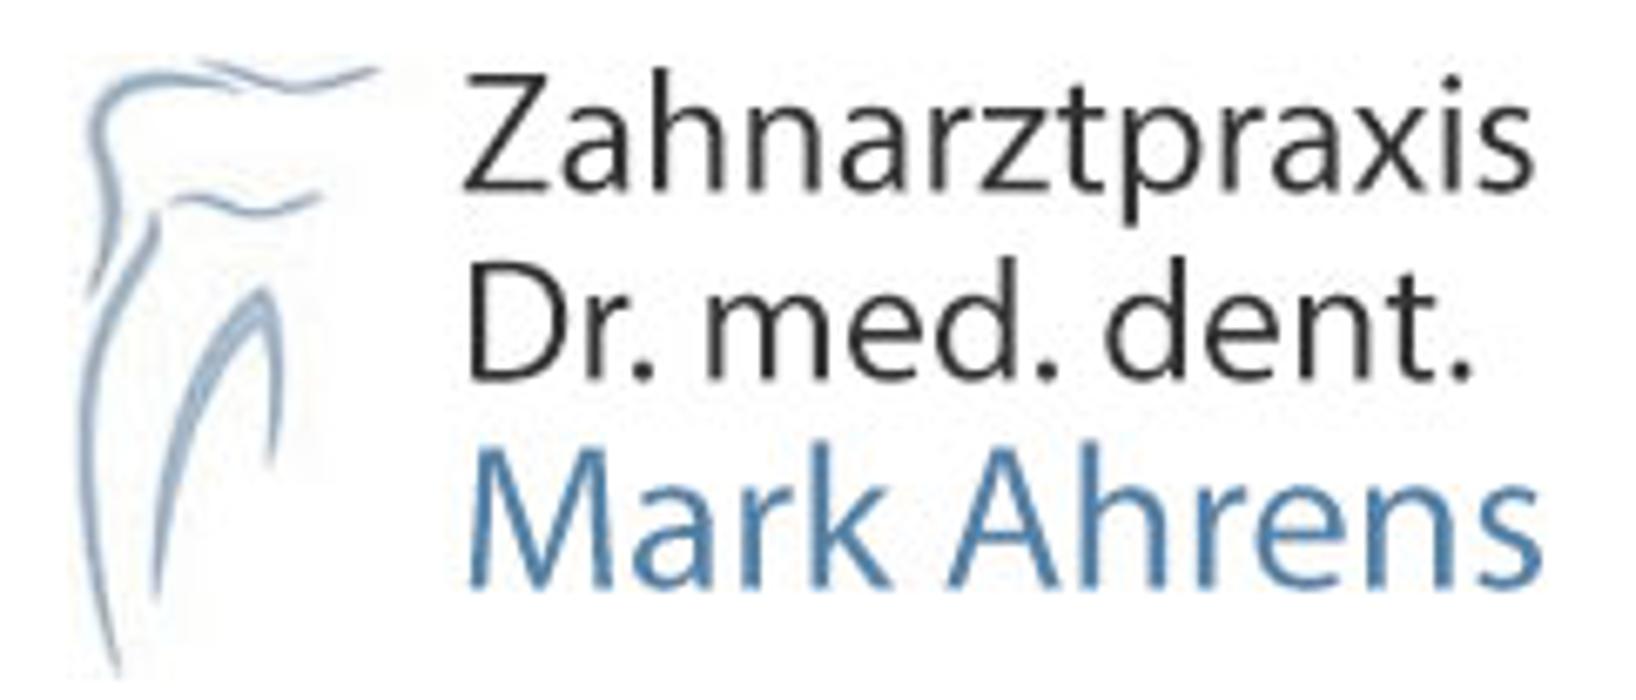 Bild zu Zahnarzt Dr. med. dent. Mark Ahrens in Lübeck